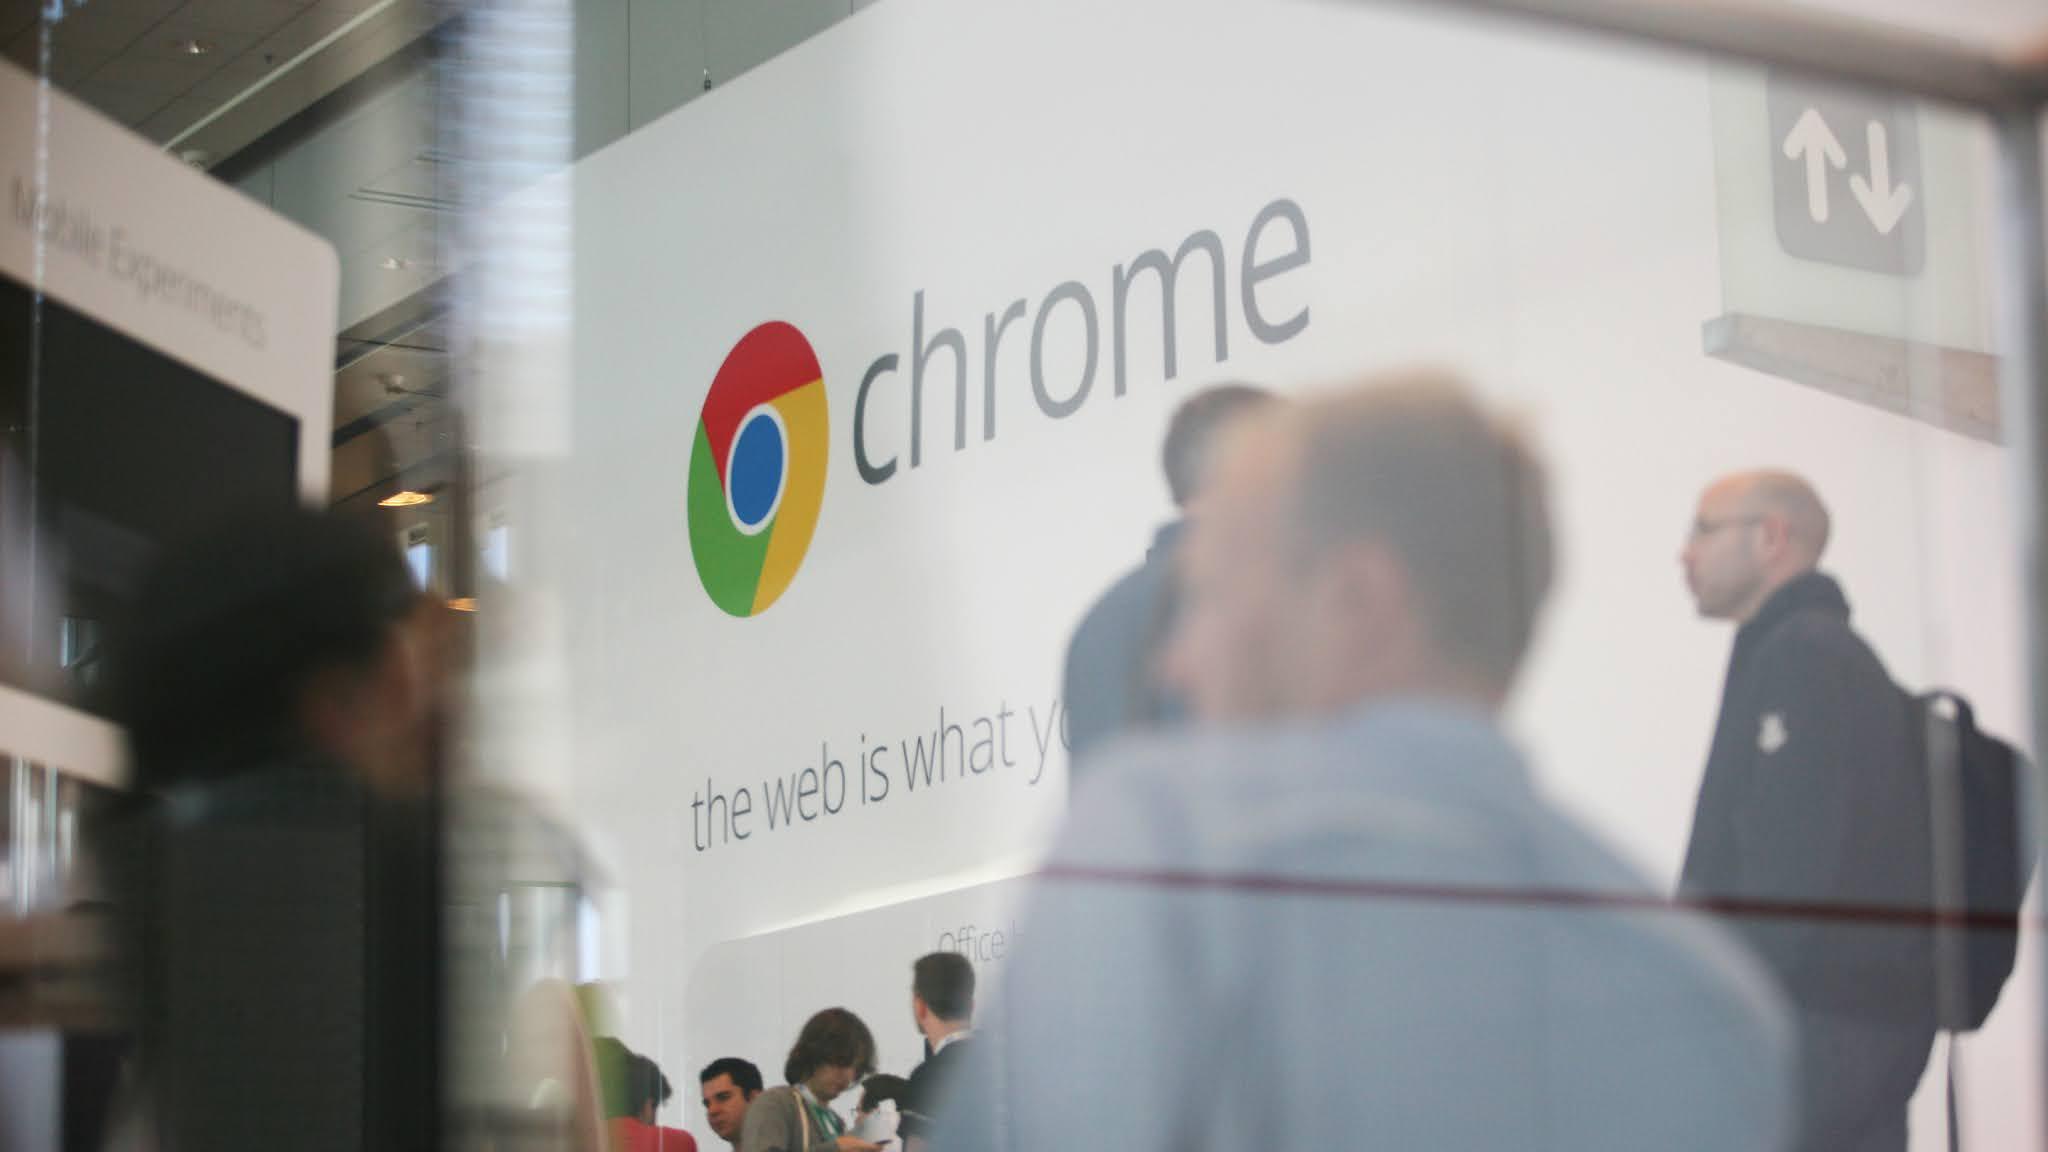 Generare sottotitoli in tempo reale in Google Chrome